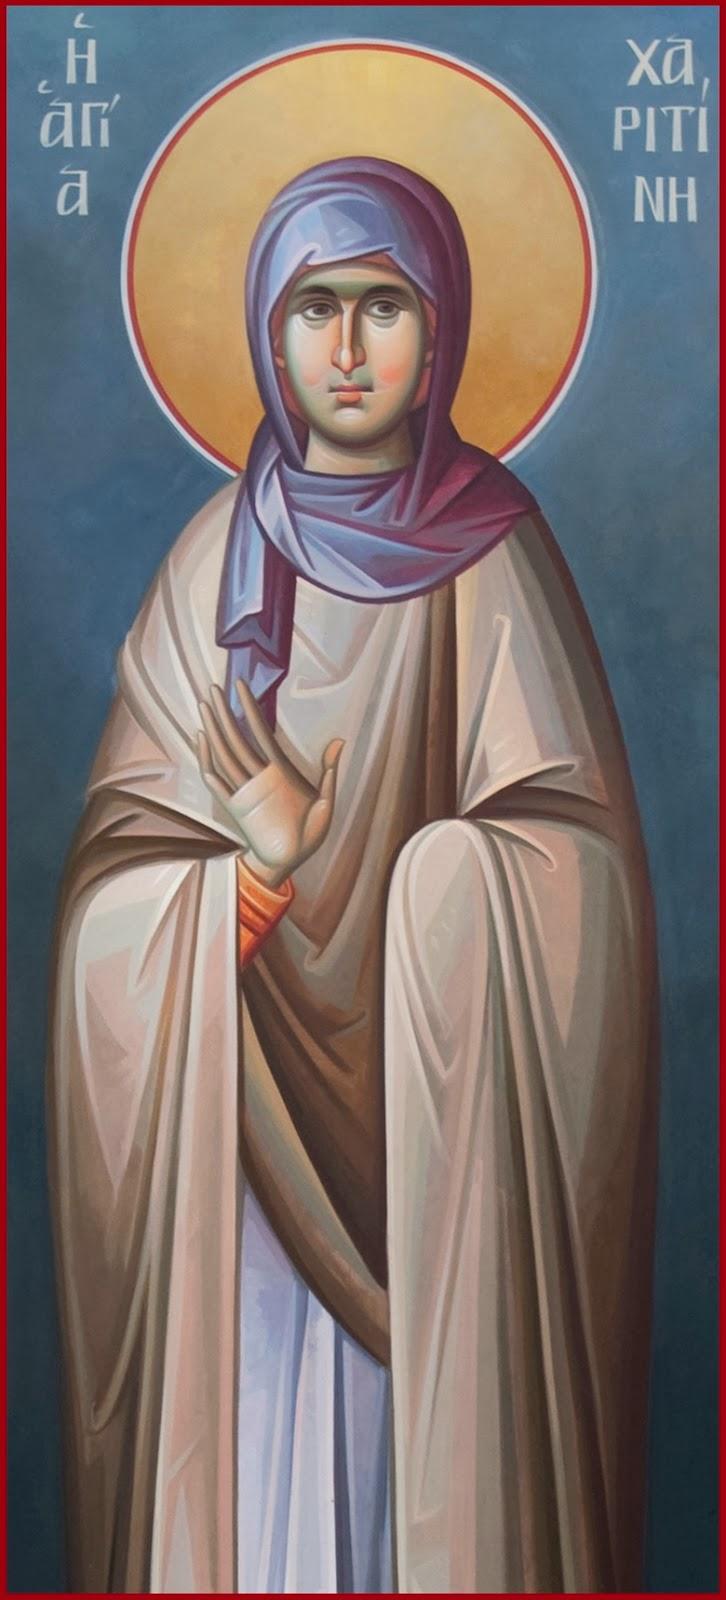 St. Xaritina the Martyr